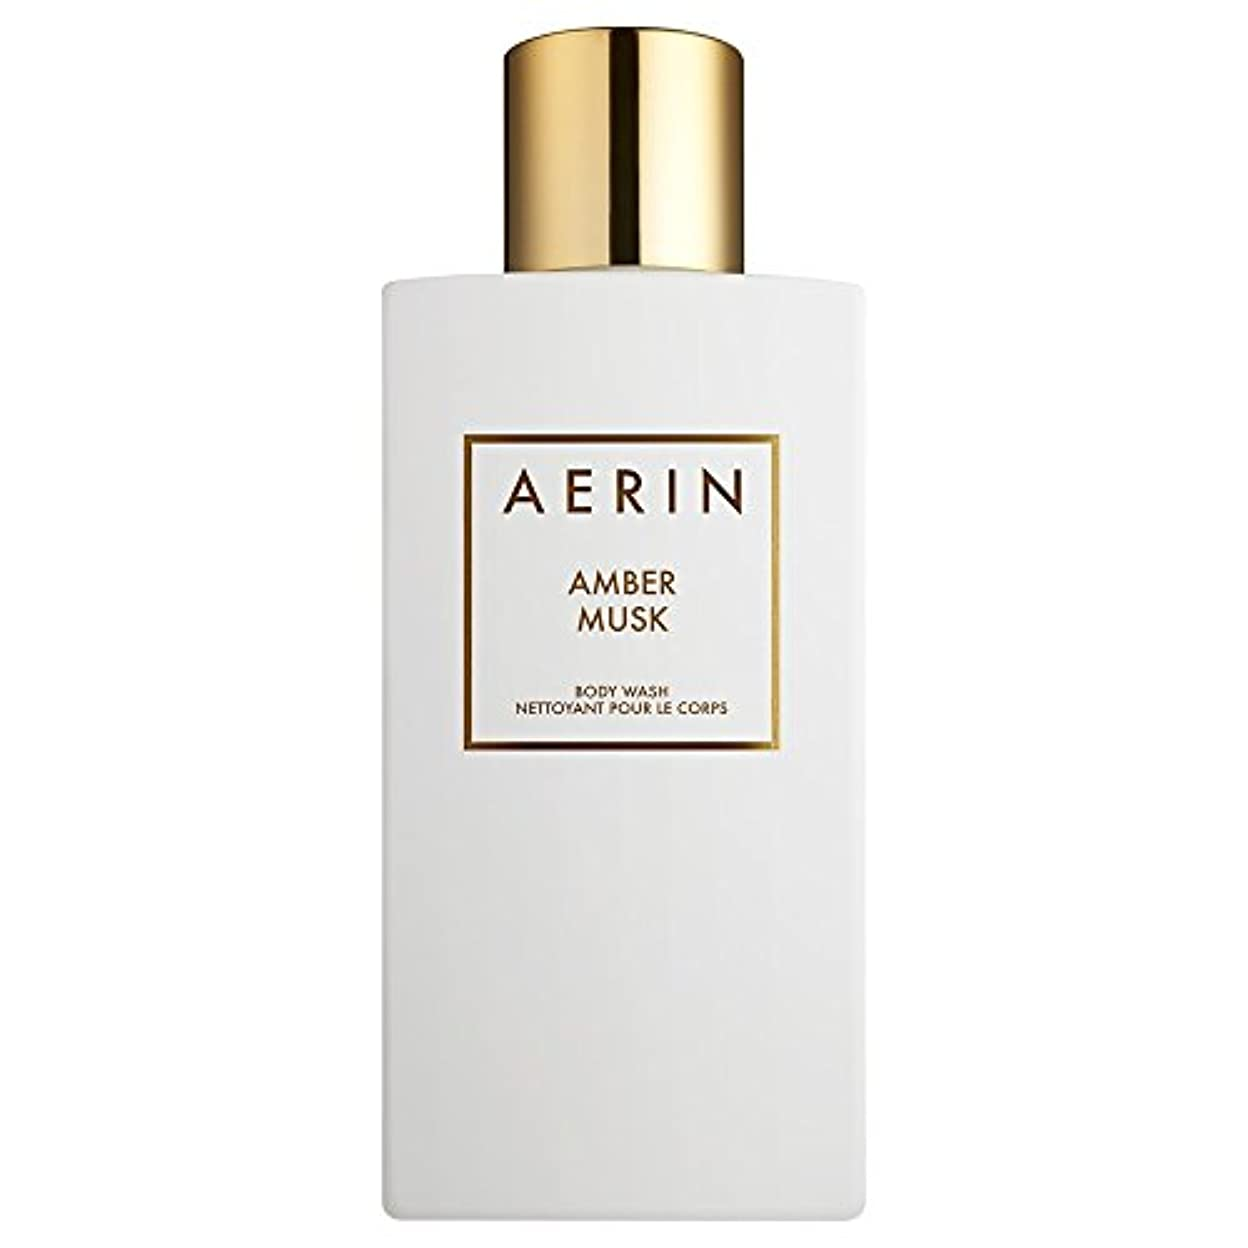 寸前あざきれいにAerinアンバームスクボディウォッシュ225ミリリットル (AERIN) - AERIN Amber Musk Bodywash 225ml [並行輸入品]